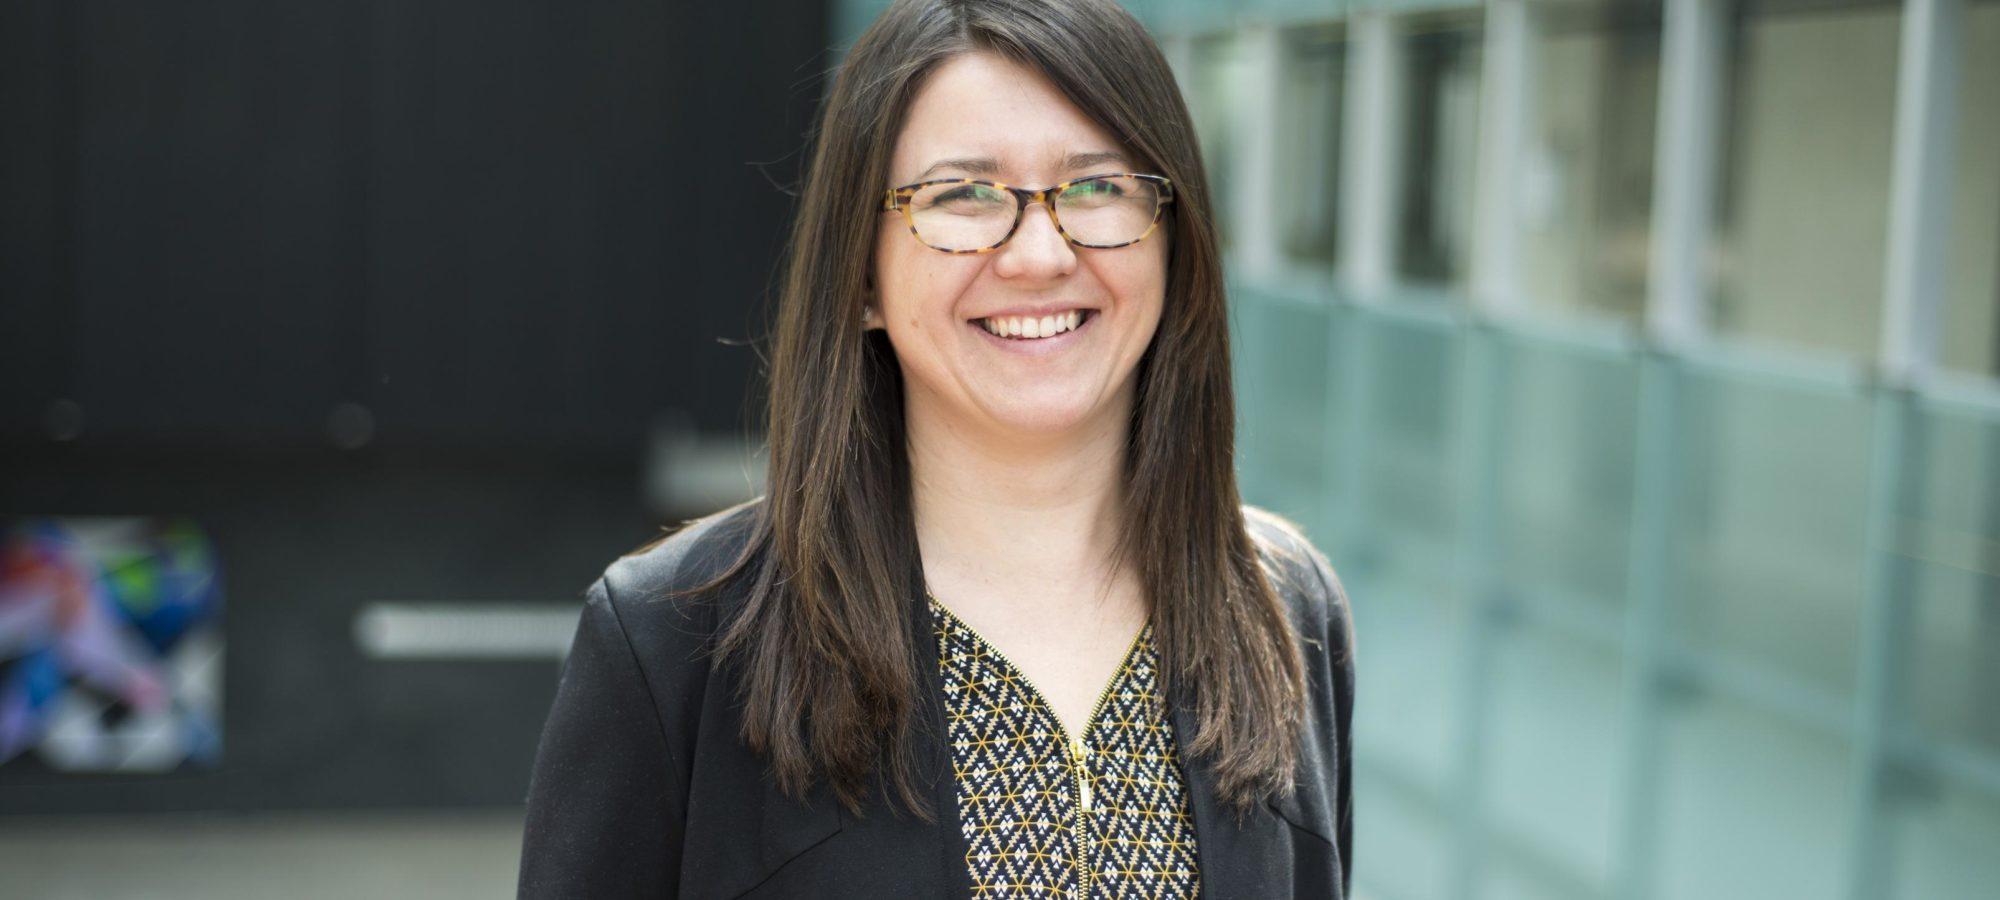 PSI Fellow Agata Branczyk